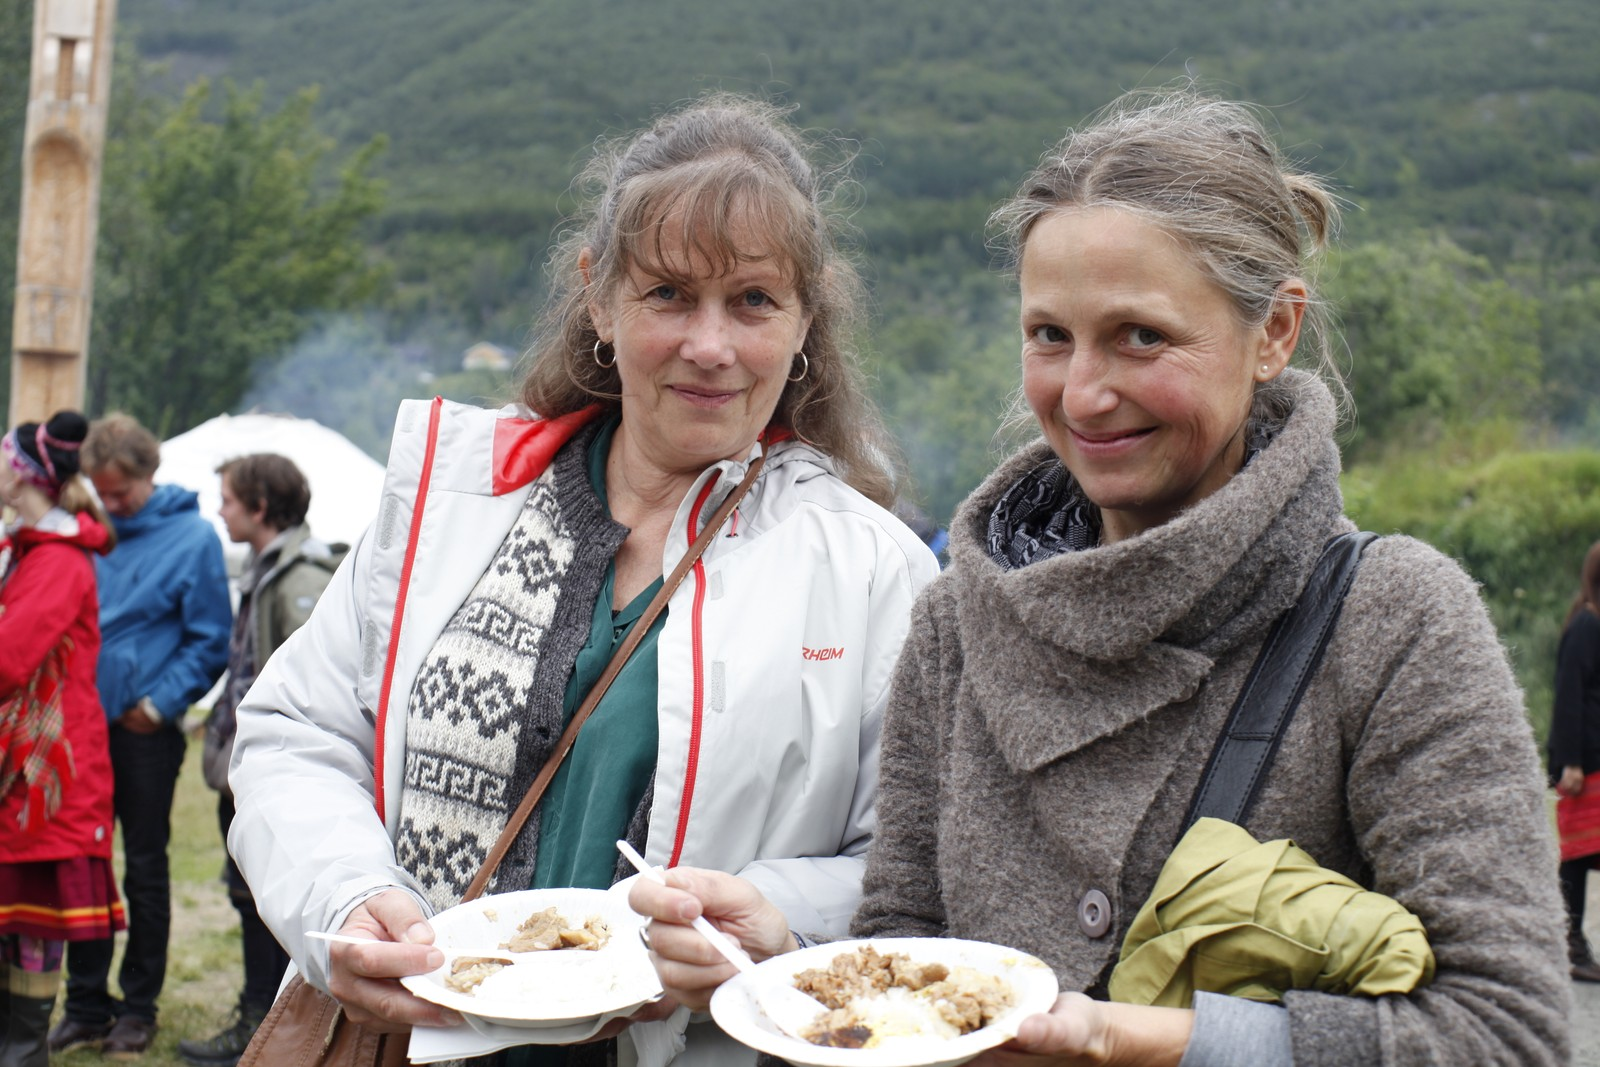 Kjersti Seim fra Oslo (t.v) og Kjerstin Kribe fra Tyskland, likte maten fra Taiwan. - Det er en god kryddersmak, men det er ikke sterkt. Det var en fantastisk fin oppvisning som vi fikk være med på, og vi har lært så mye om urfolksgruppene i Taiwan, sa de.